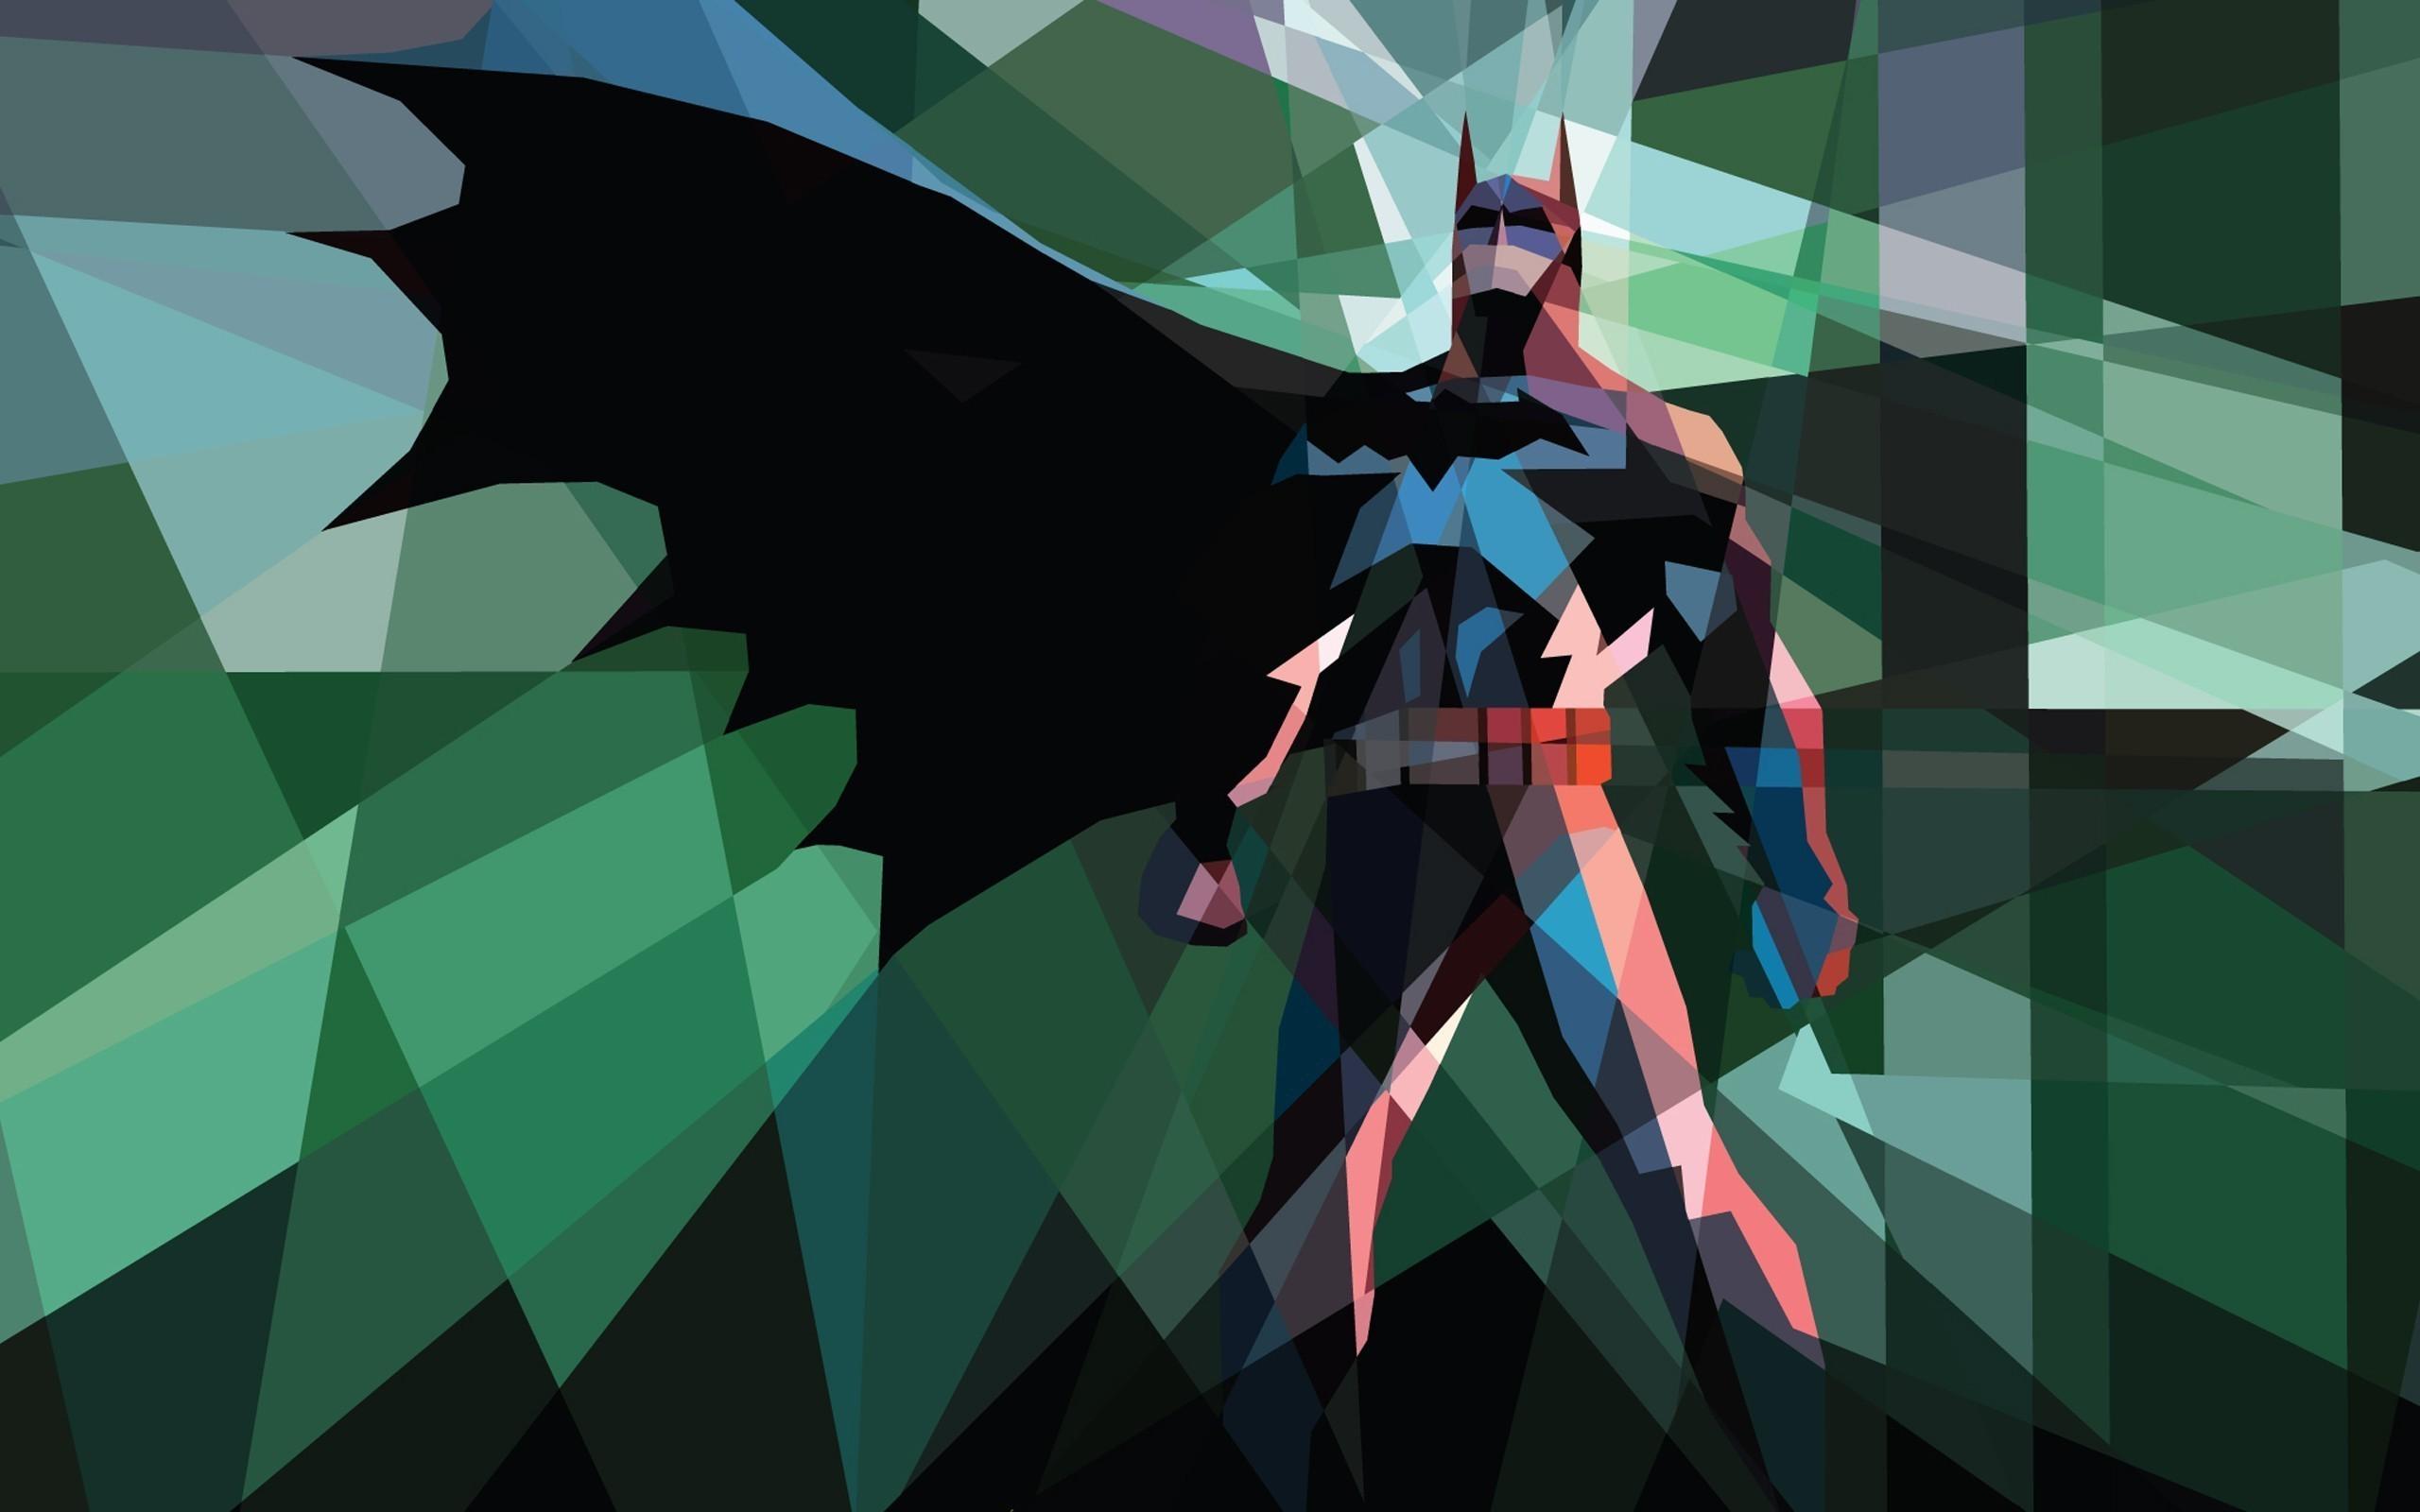 Polygon Batman wallpaper – 1034148